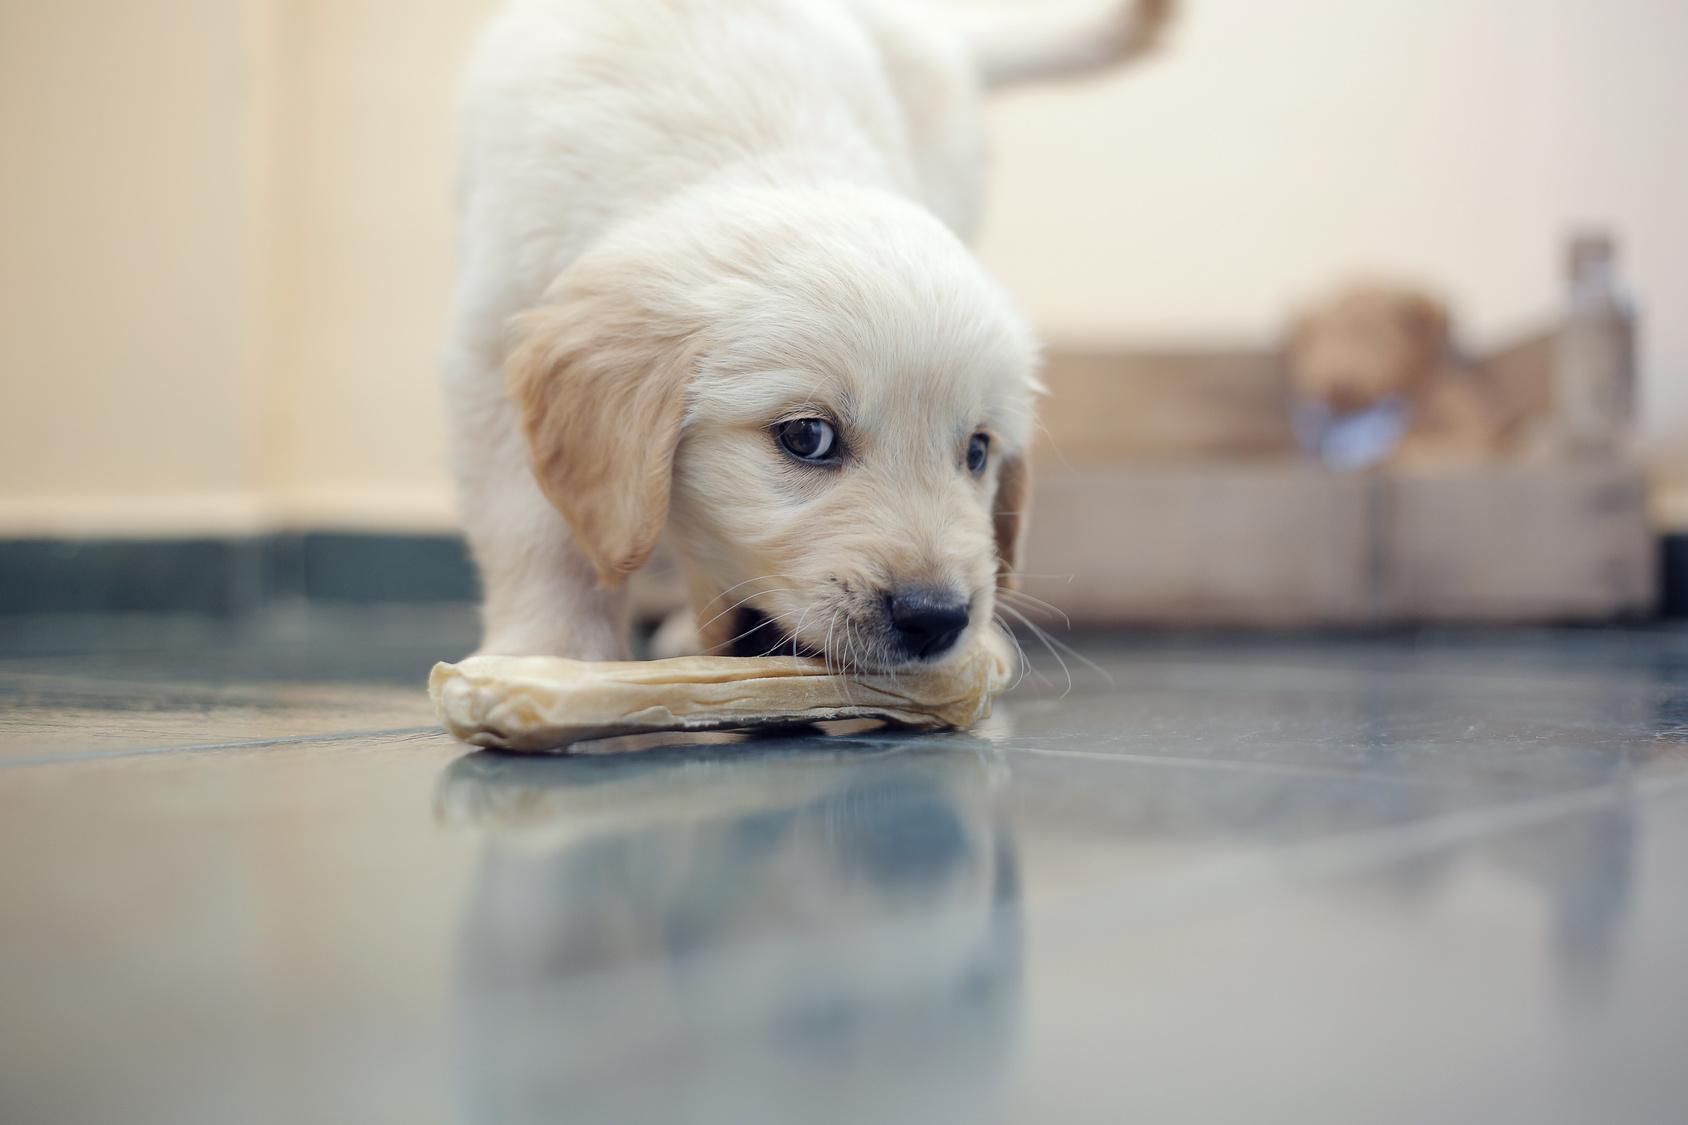 愛犬への「おやつ」のあげ方に注意しないと将来不幸にすることも!